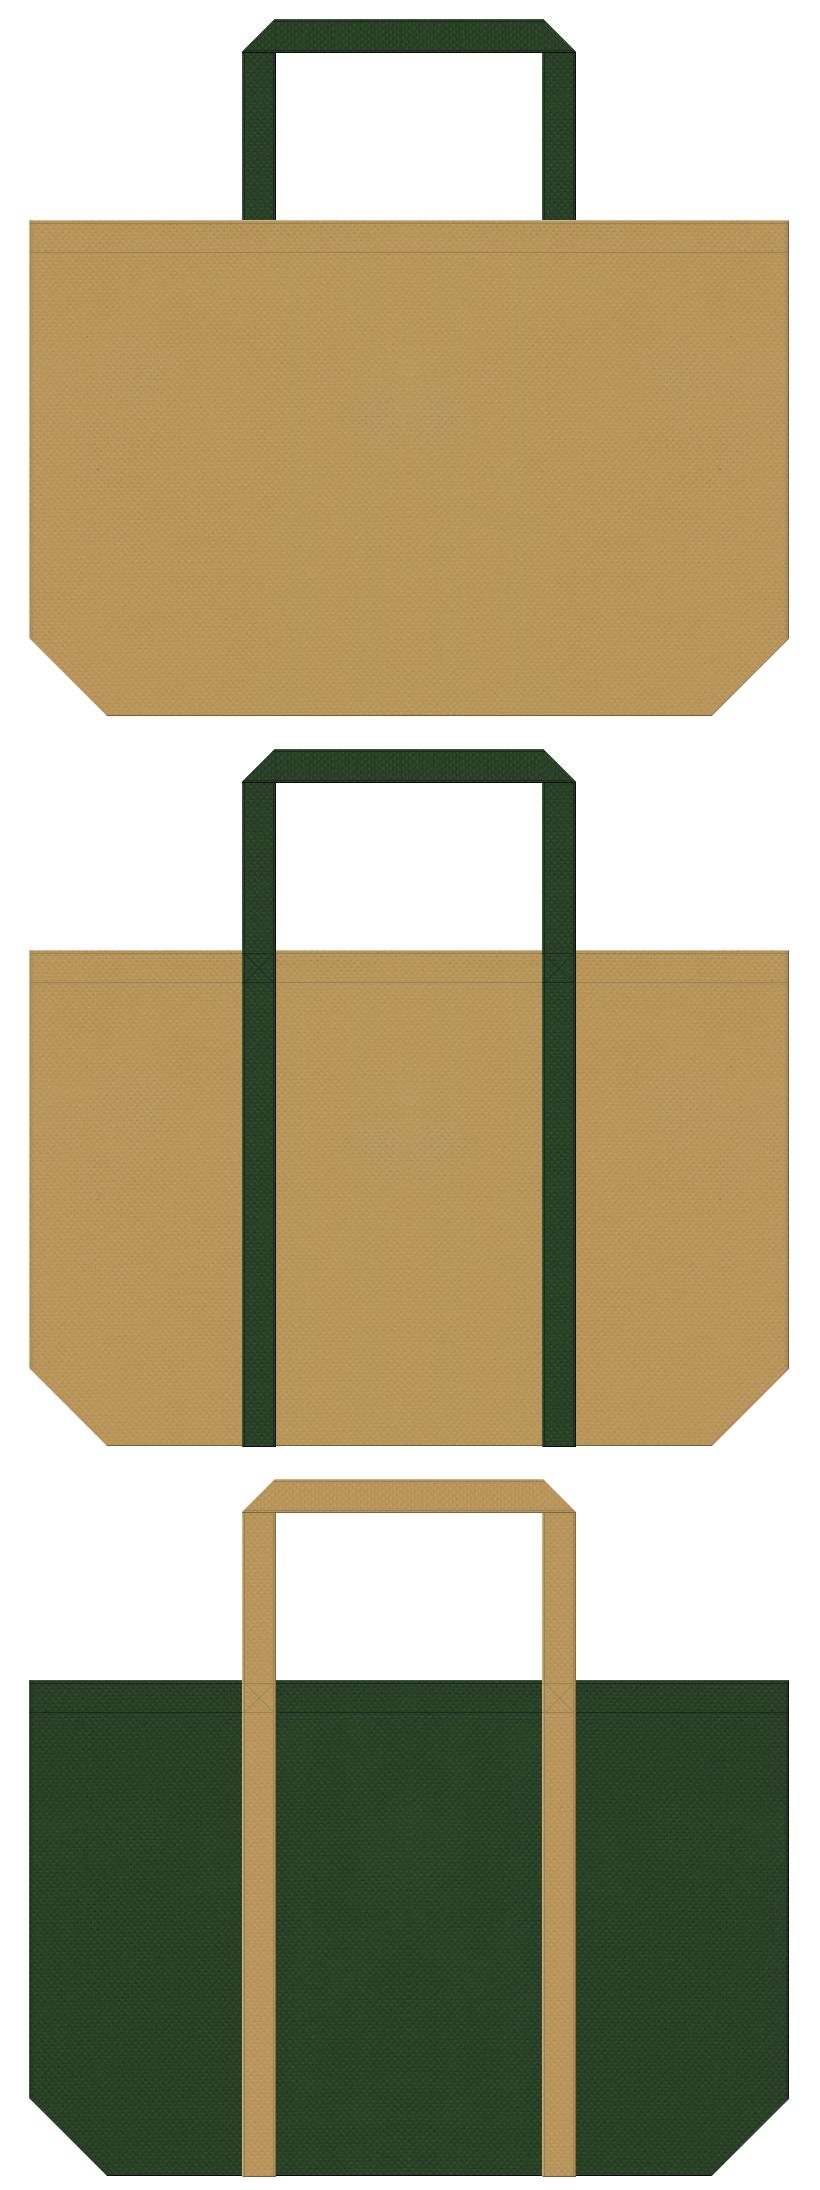 動物園・テーマパーク・探検・ジャングル・恐竜・サバンナ・サファリ・アニマル・迷彩色・キャンプ用品・アウトドア用品のショッピングバッグにお奨めの不織布バッグデザイン:金黄土色と濃緑色のコーデ